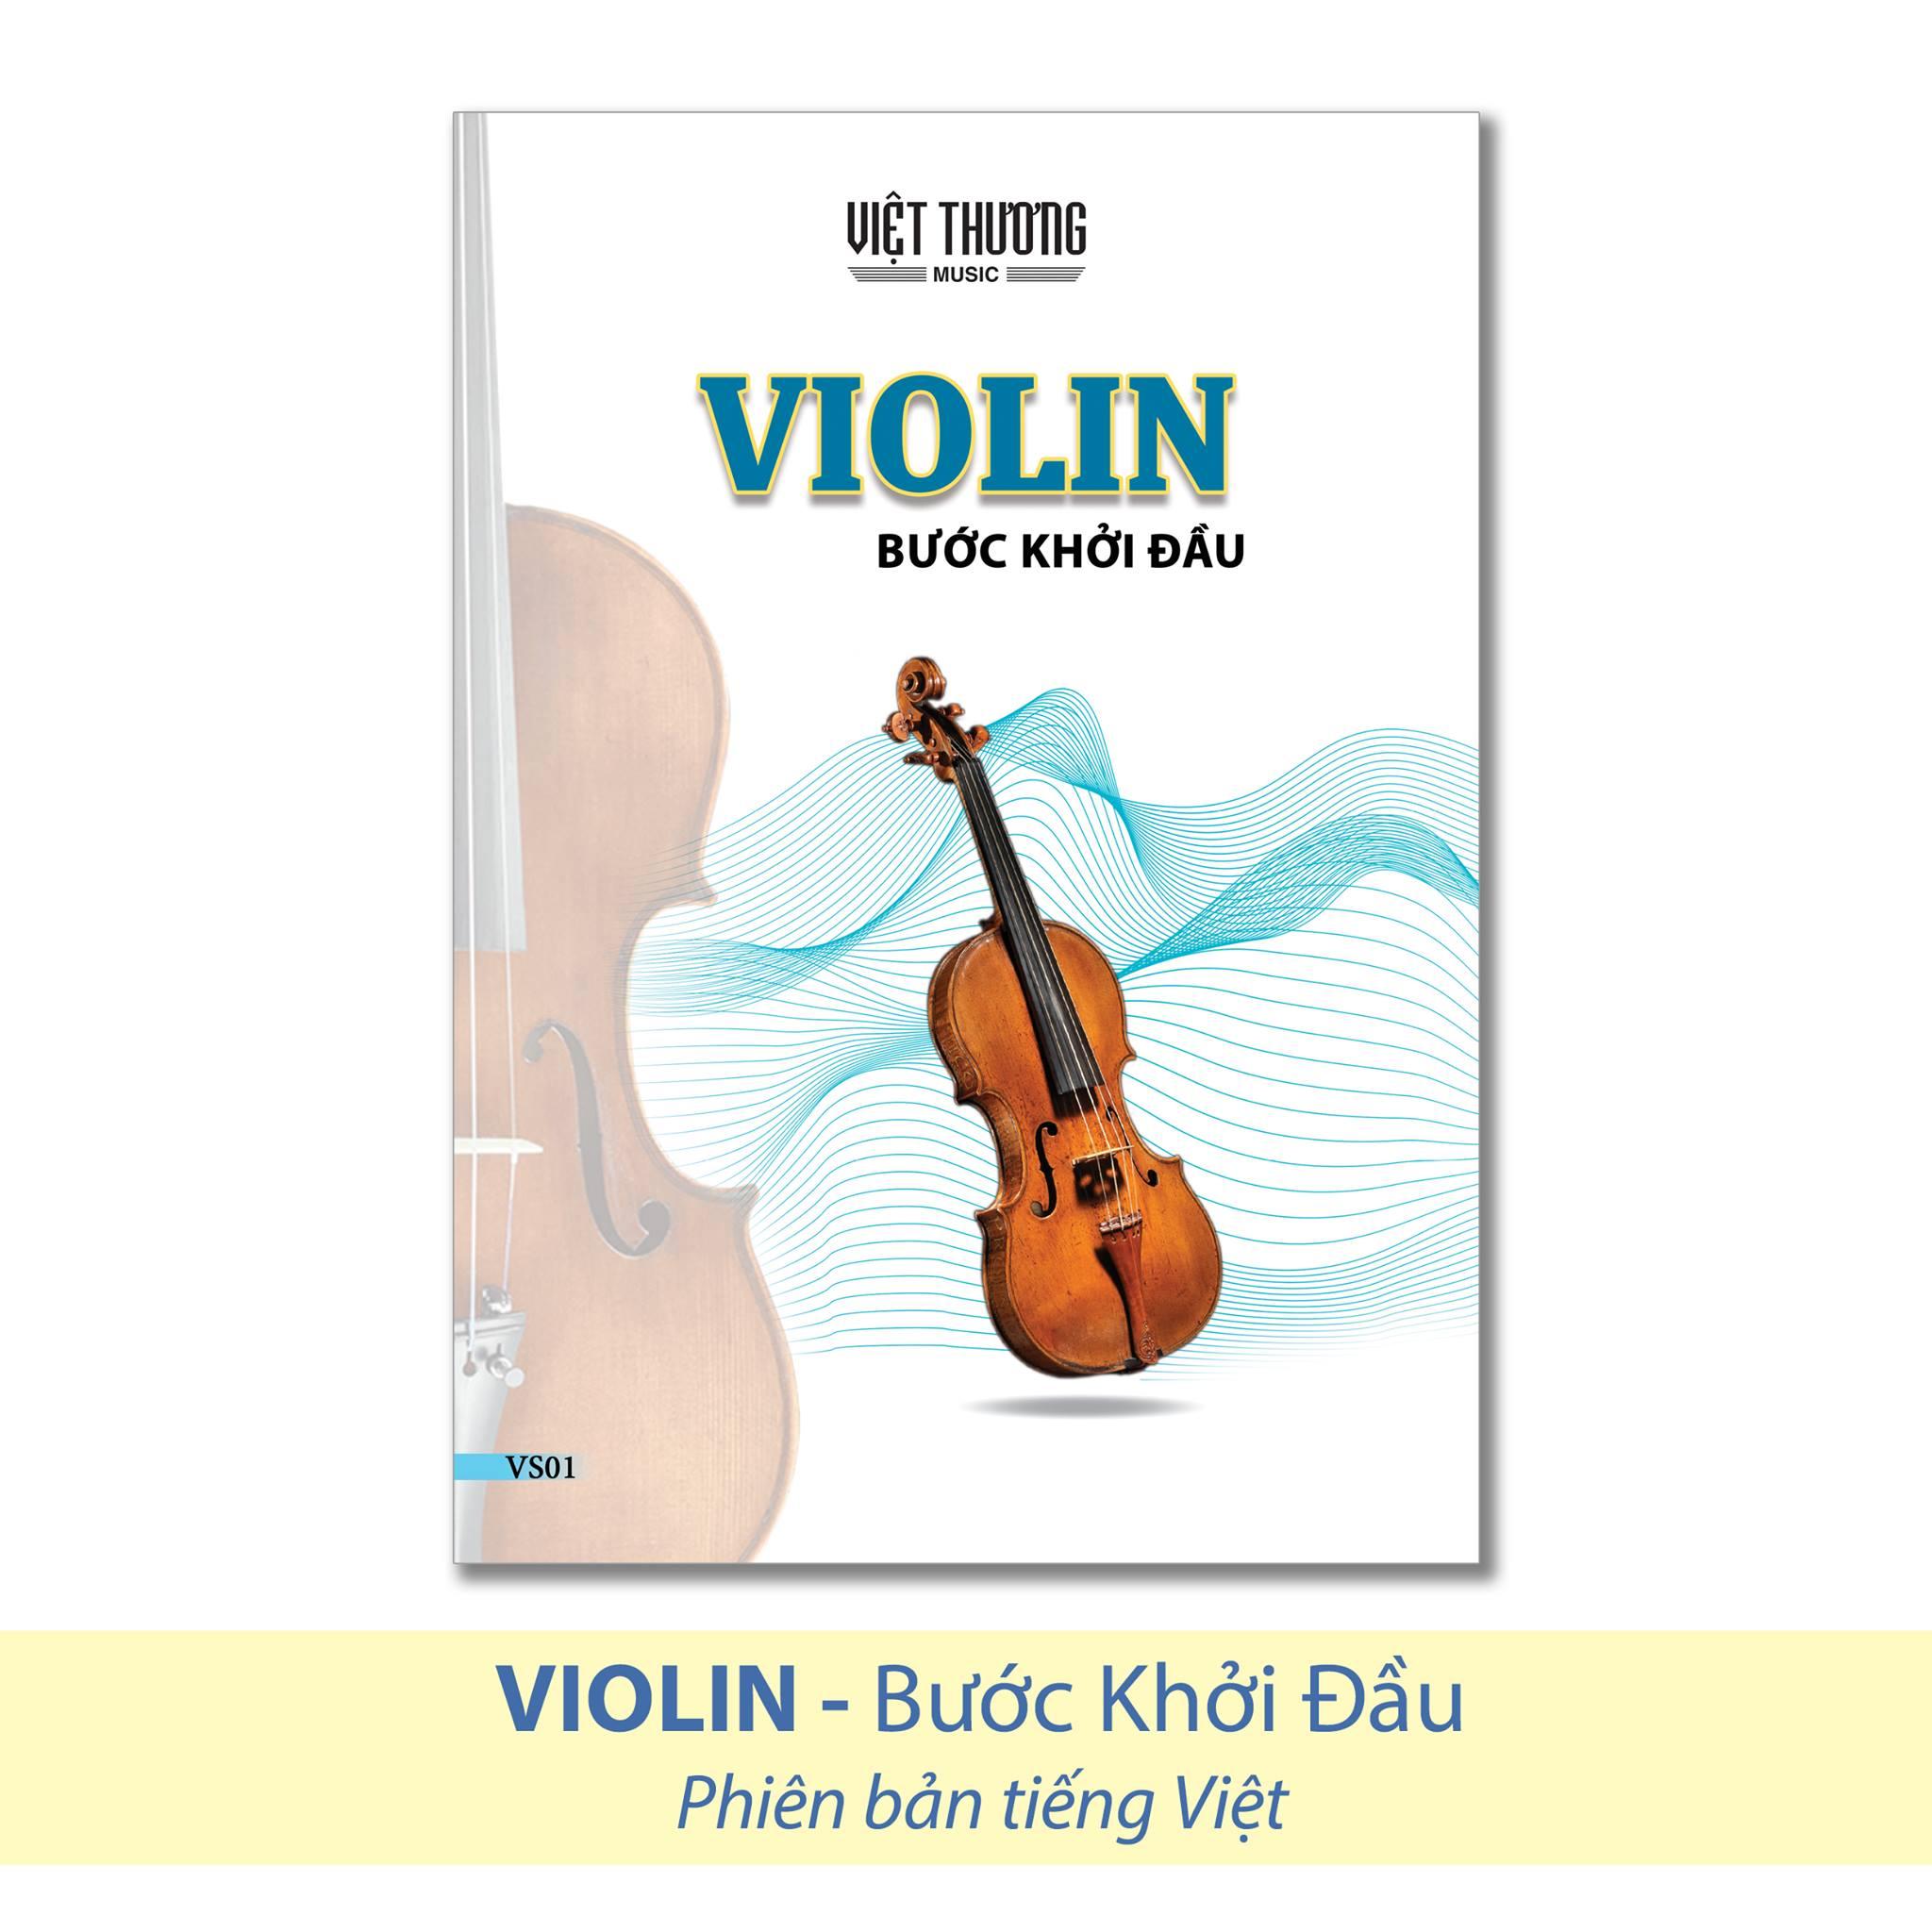 Sách Violin Bước khởi đầu (Tiếng Việt) - Việt Thương Music